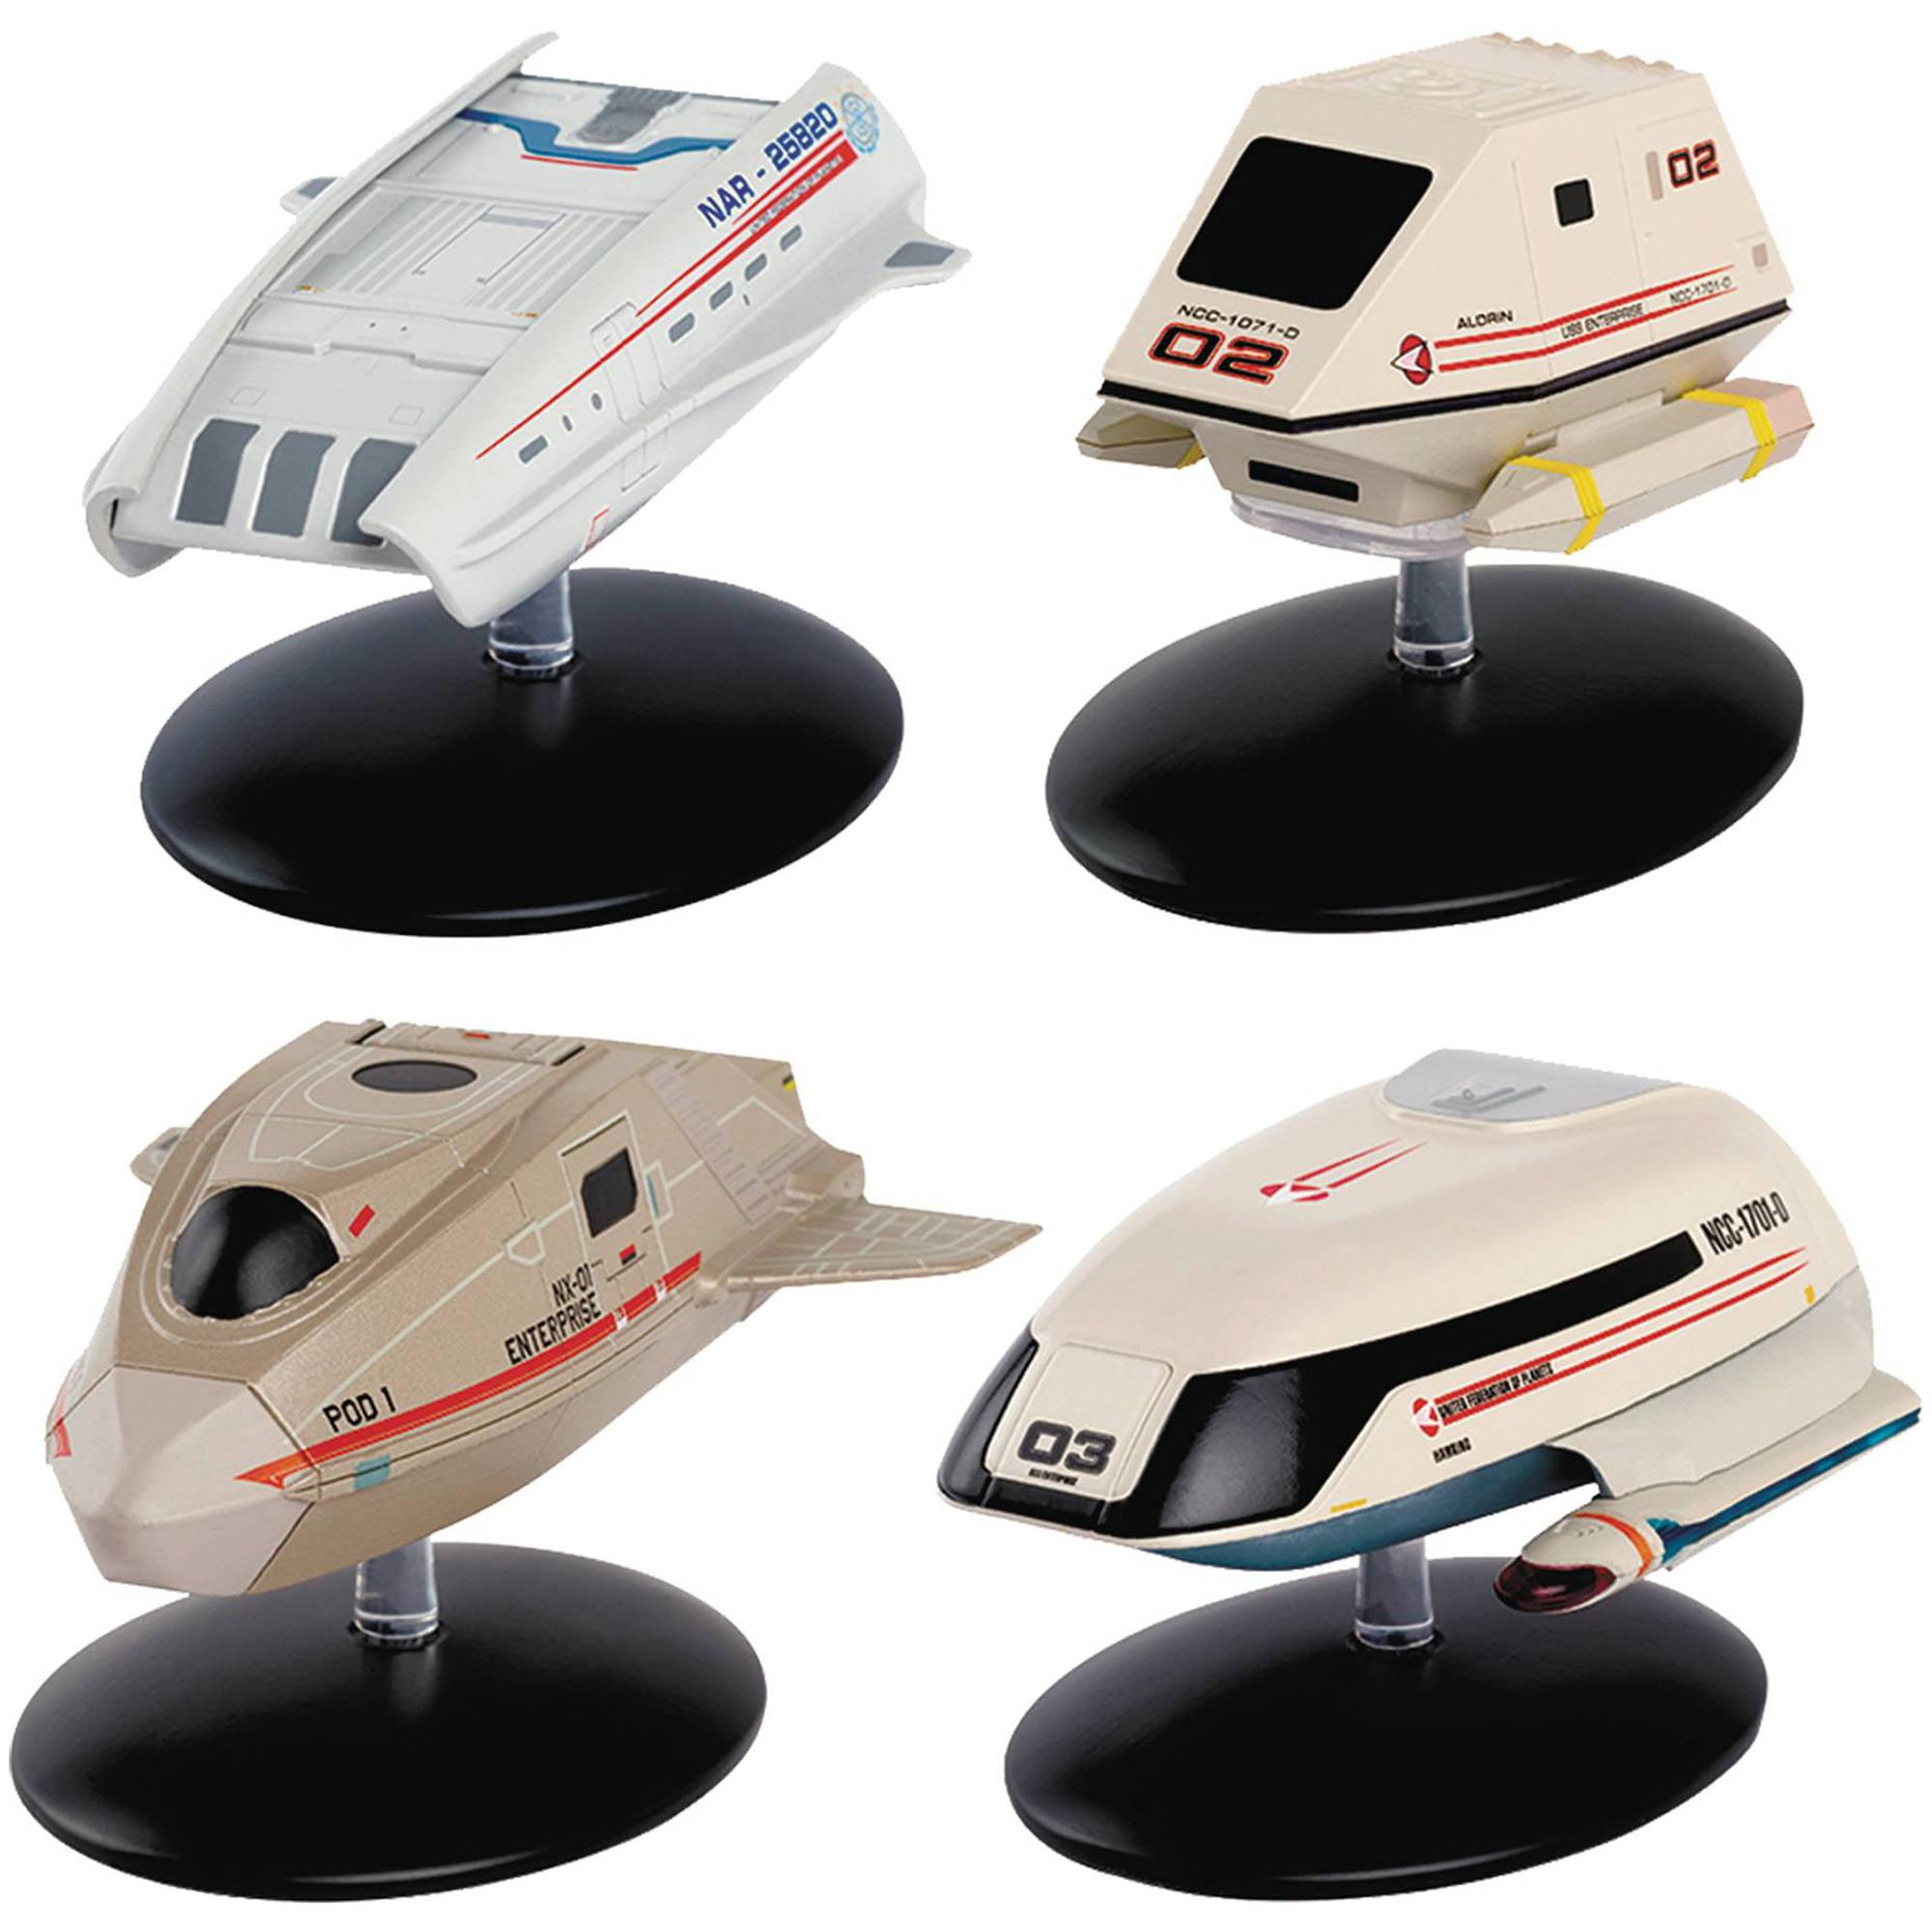 Diamond Toys Star Trek Starships Figurine Set #3 Shuttlec...